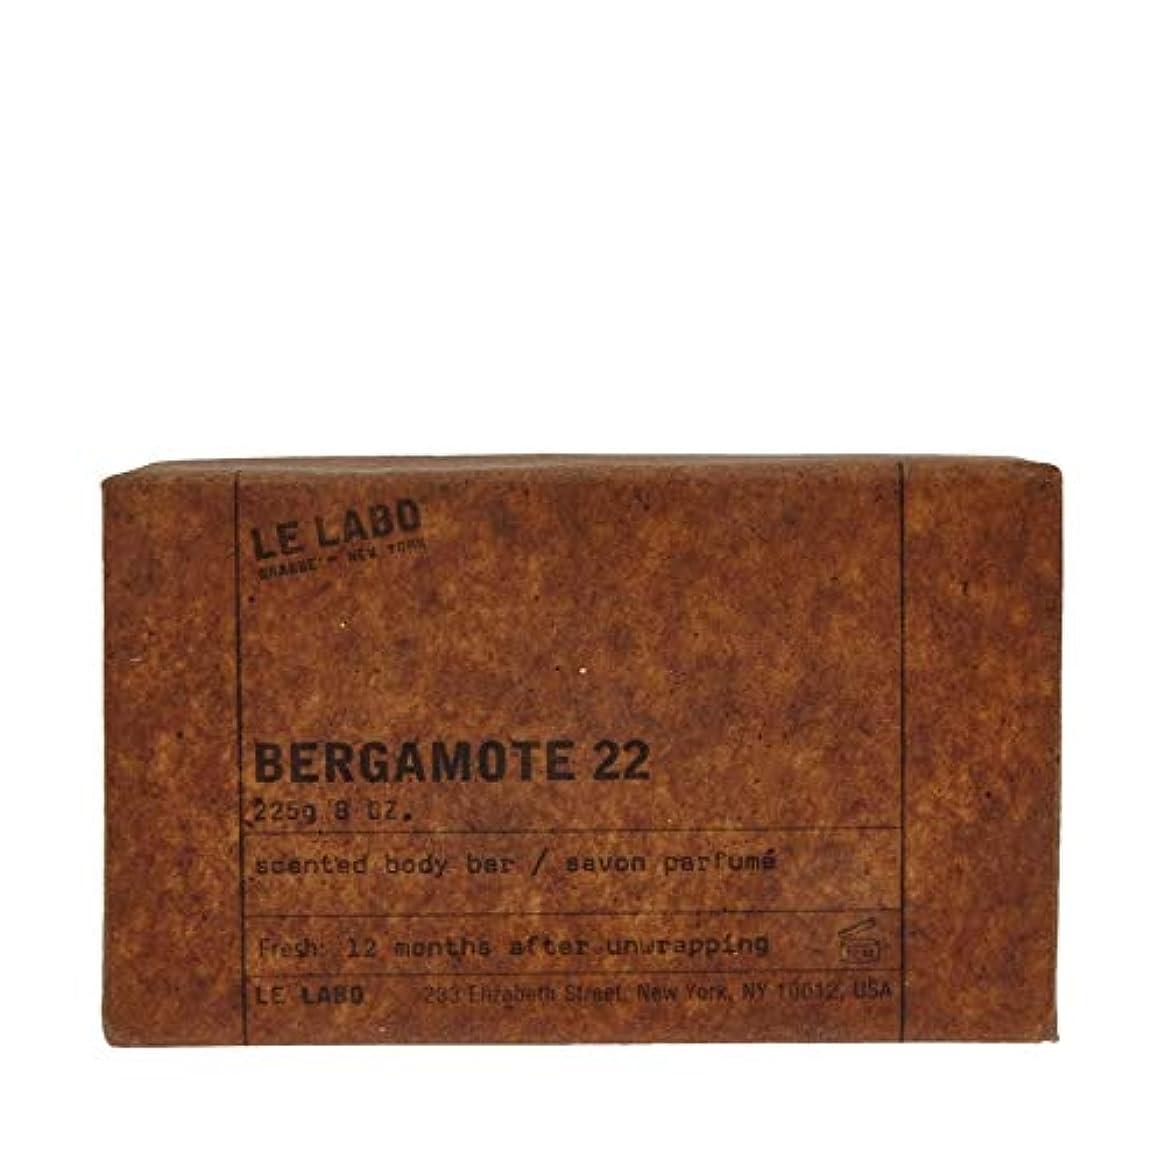 解体する耳マークダウン[Le Labo ] ルラボBergamote 22石鹸225グラム - Le Labo Bergamote 22 Soap 225g [並行輸入品]